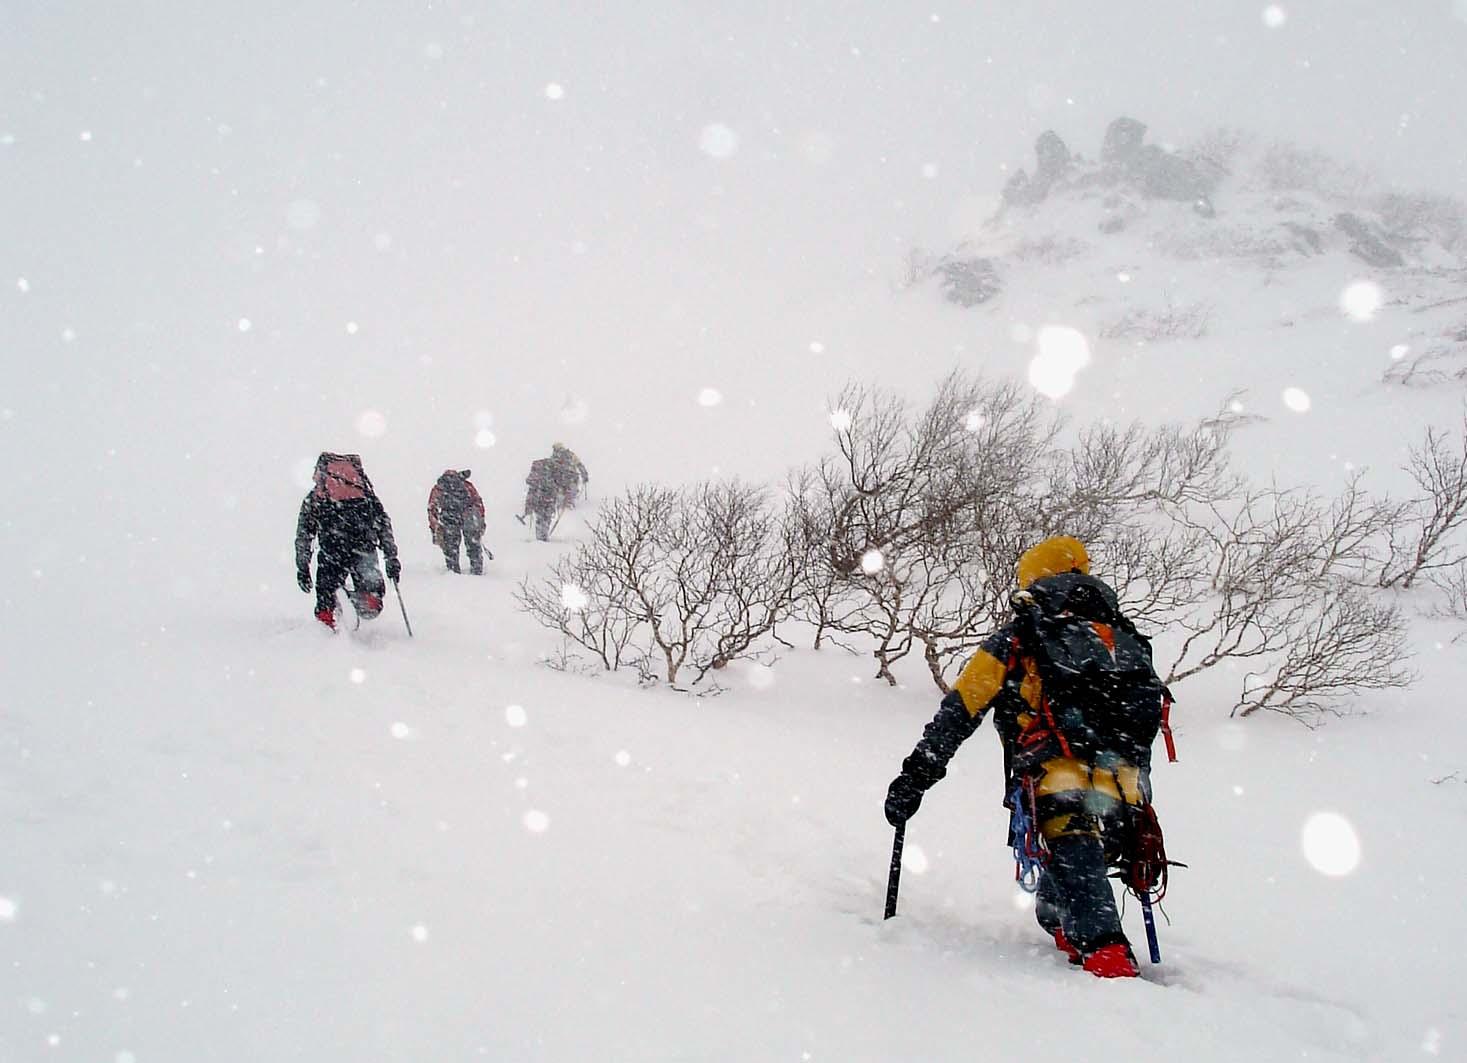 雪庇観察のために移動②★